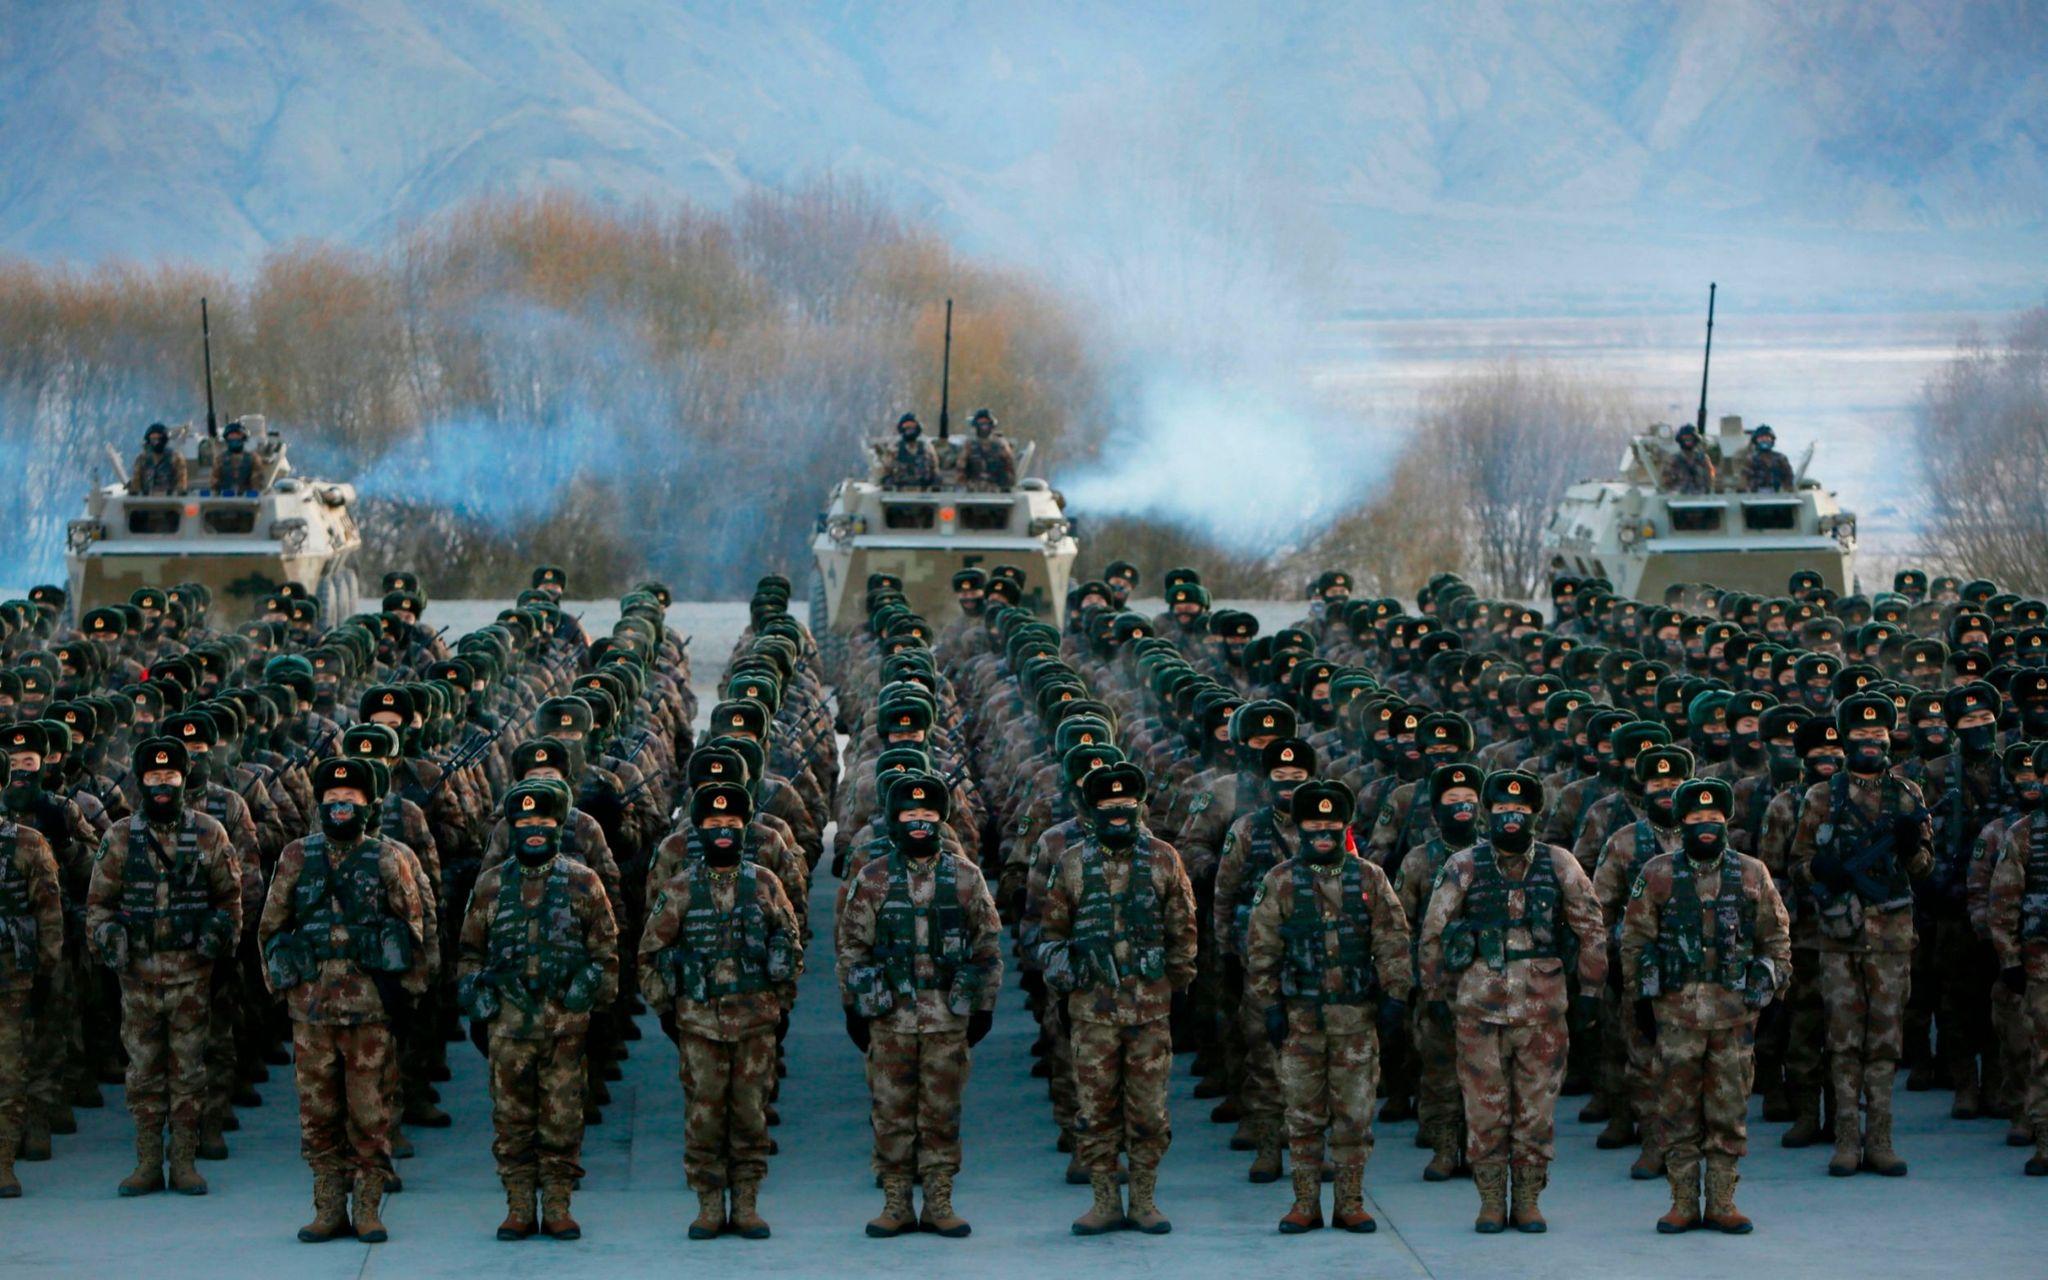 Quân đội Trung Quốc diễn tập trên vùng núi phía tây bắc Tân Cương hồi tháng 1. Ảnh: AFP.